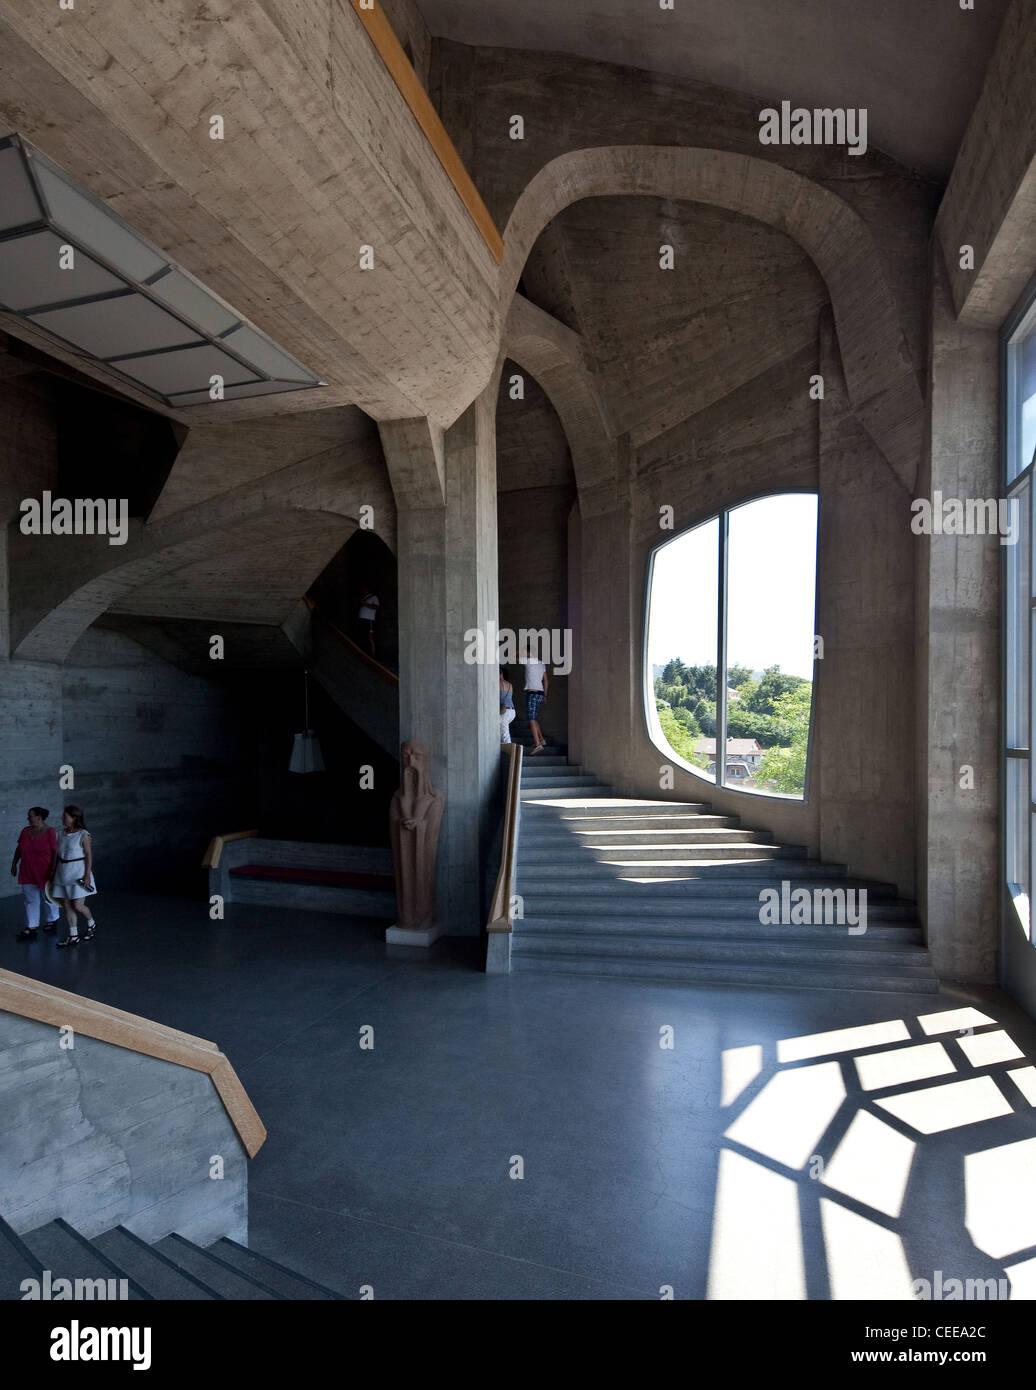 Dornach, Goetheanum, Sitz der Allgemeinen Anthroposophischen Gesellschaft, Baubeginn 1925, Haupttreppenhaus Terrassenebene - Stock Image